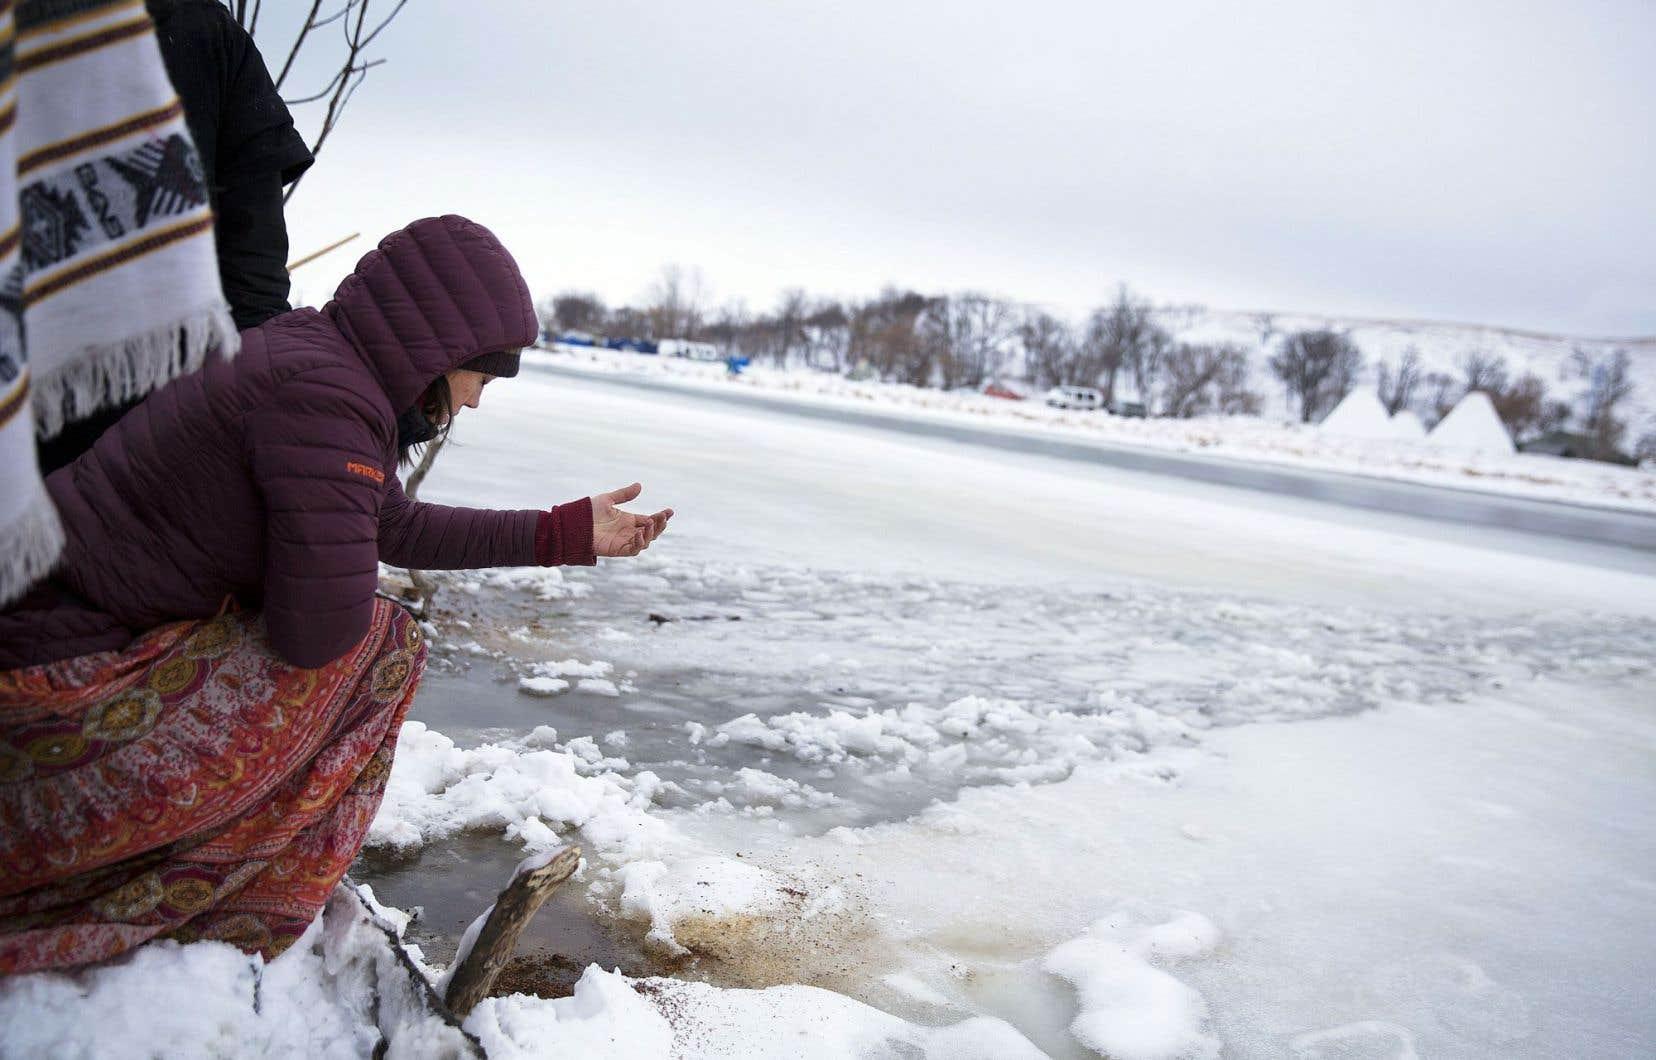 Megan Toben jette du tabac sur les rives de la rivière Cannonball, dans le Dakota du Nord, aux États-Unis, durant une cérémonie autochtone de l'eau.